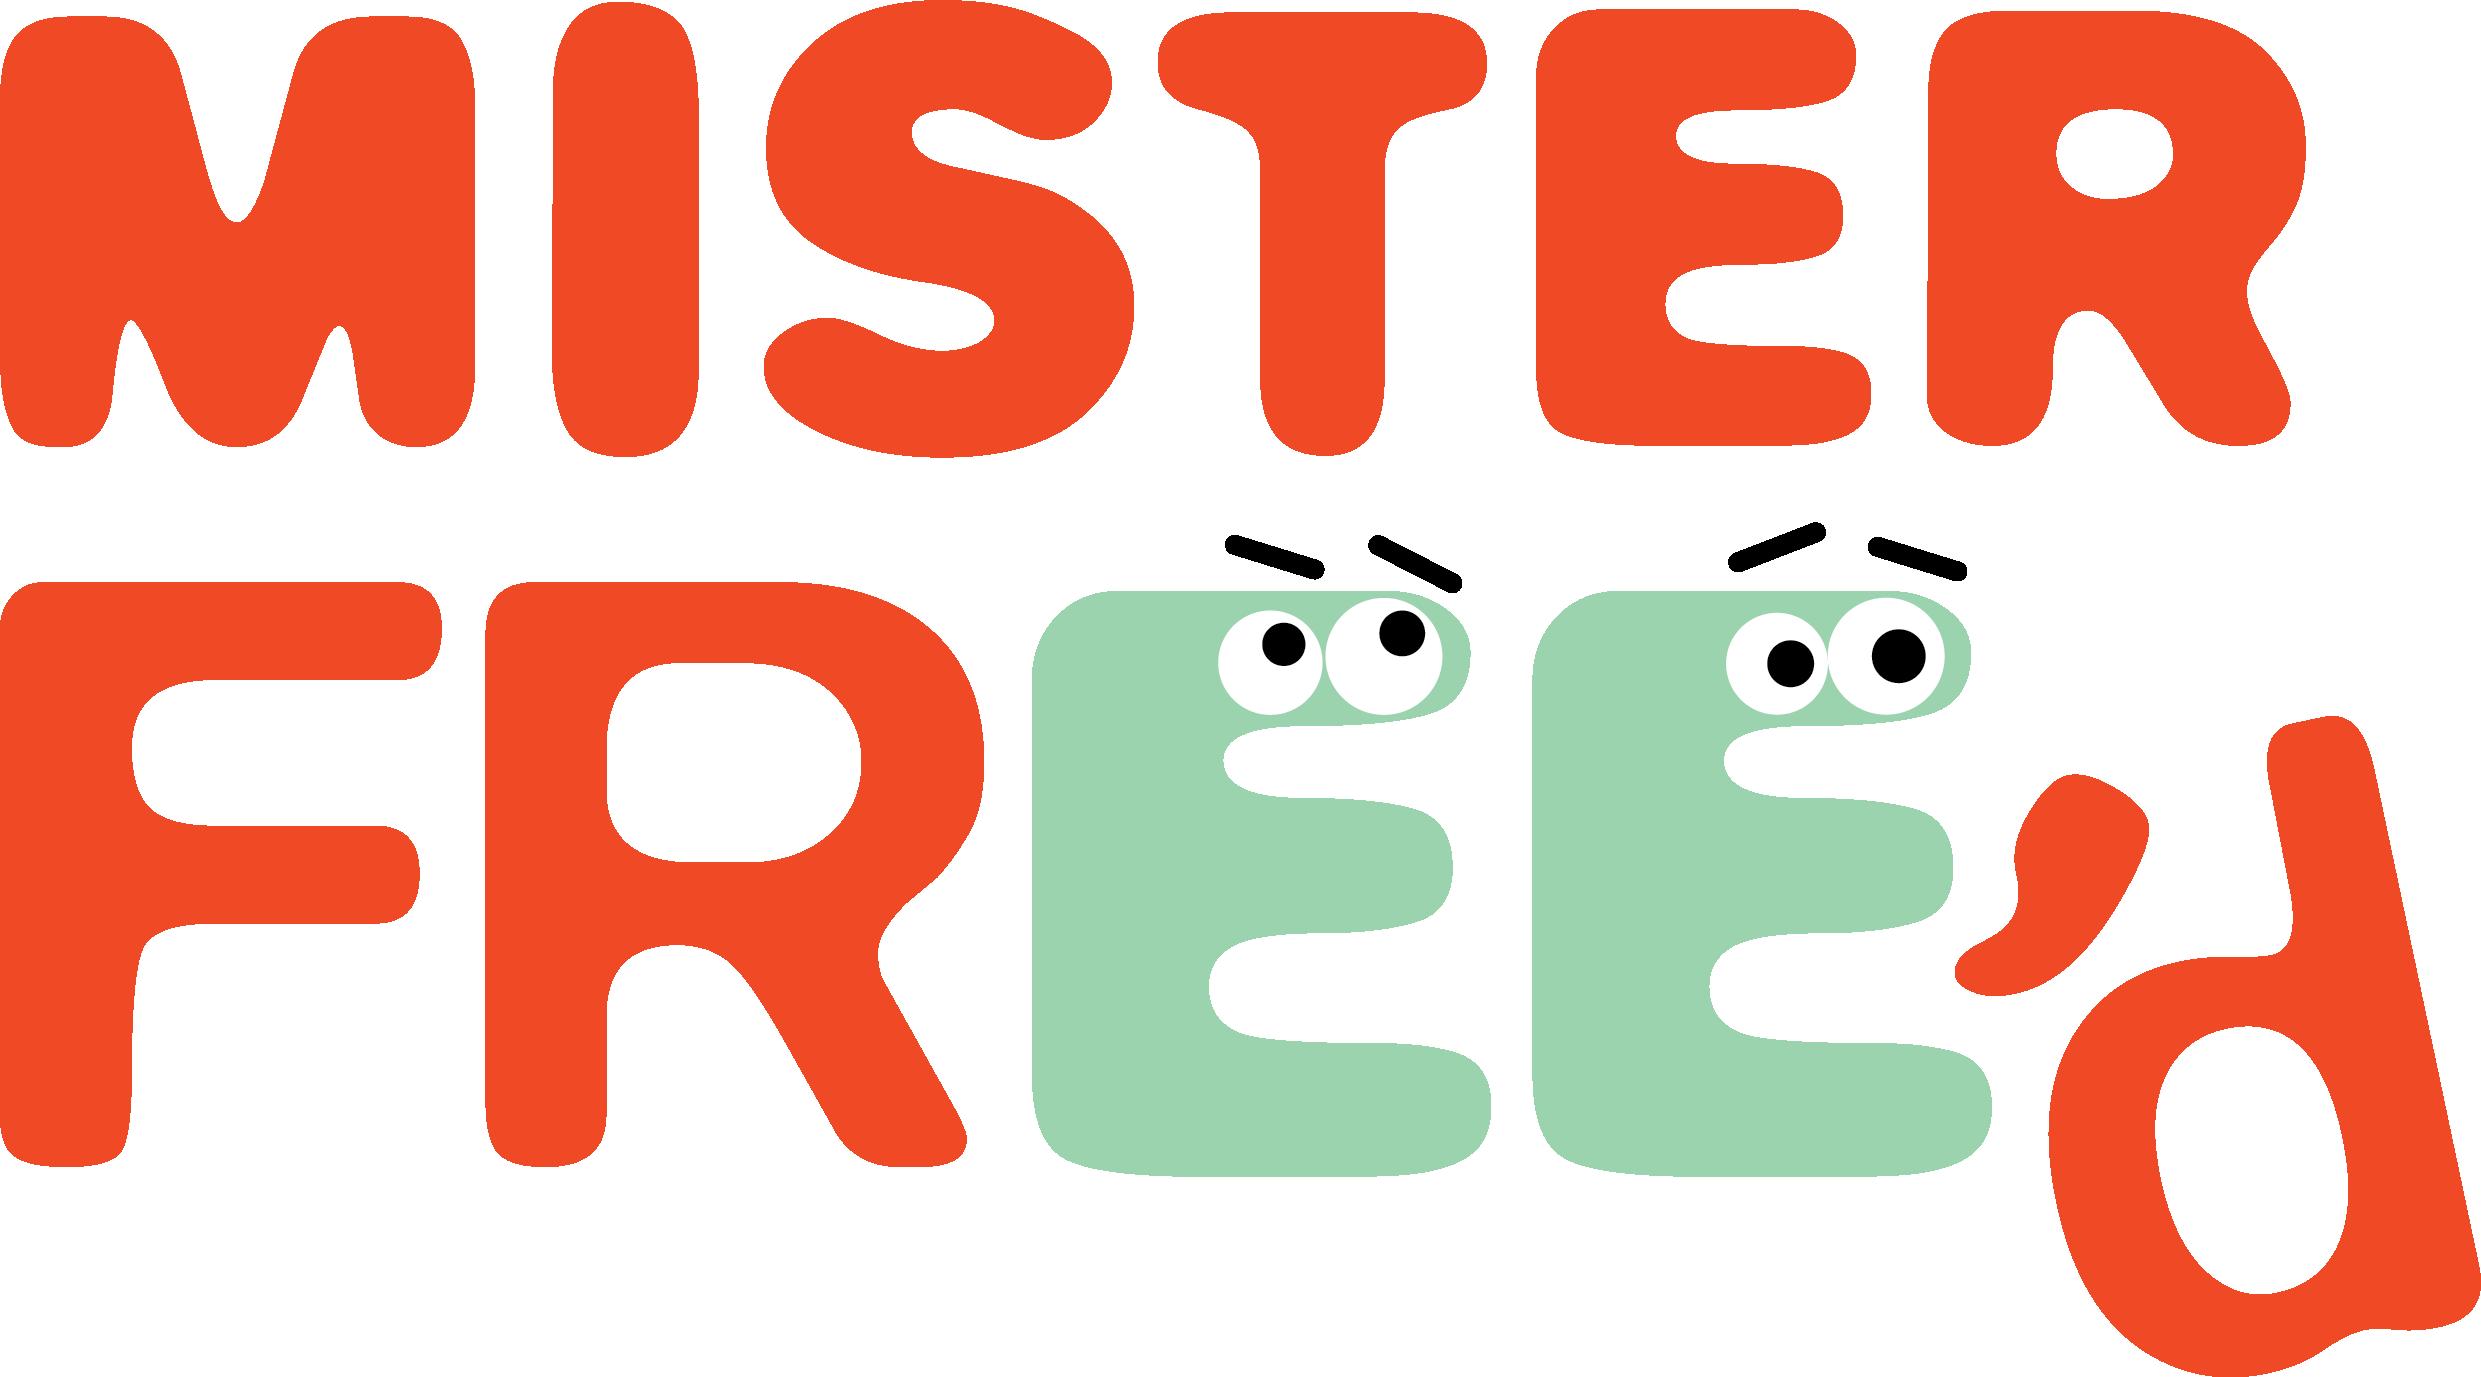 Mister Free'd logo